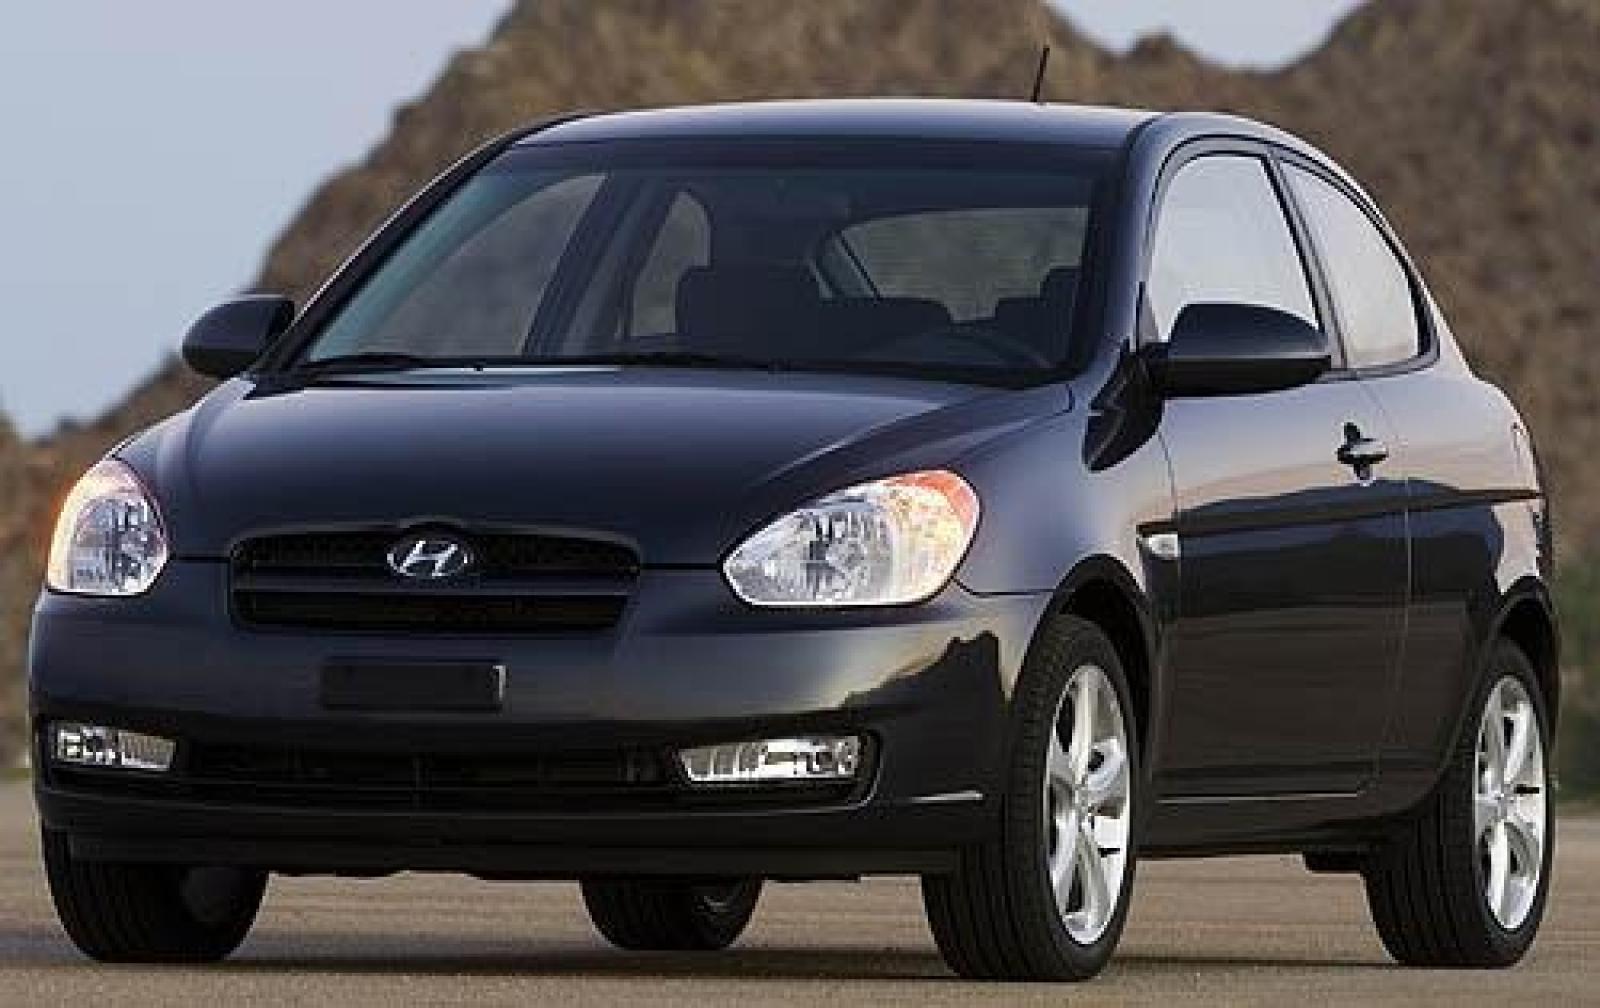 800 1024 1280 1600 origin 2009 Hyundai Accent ...